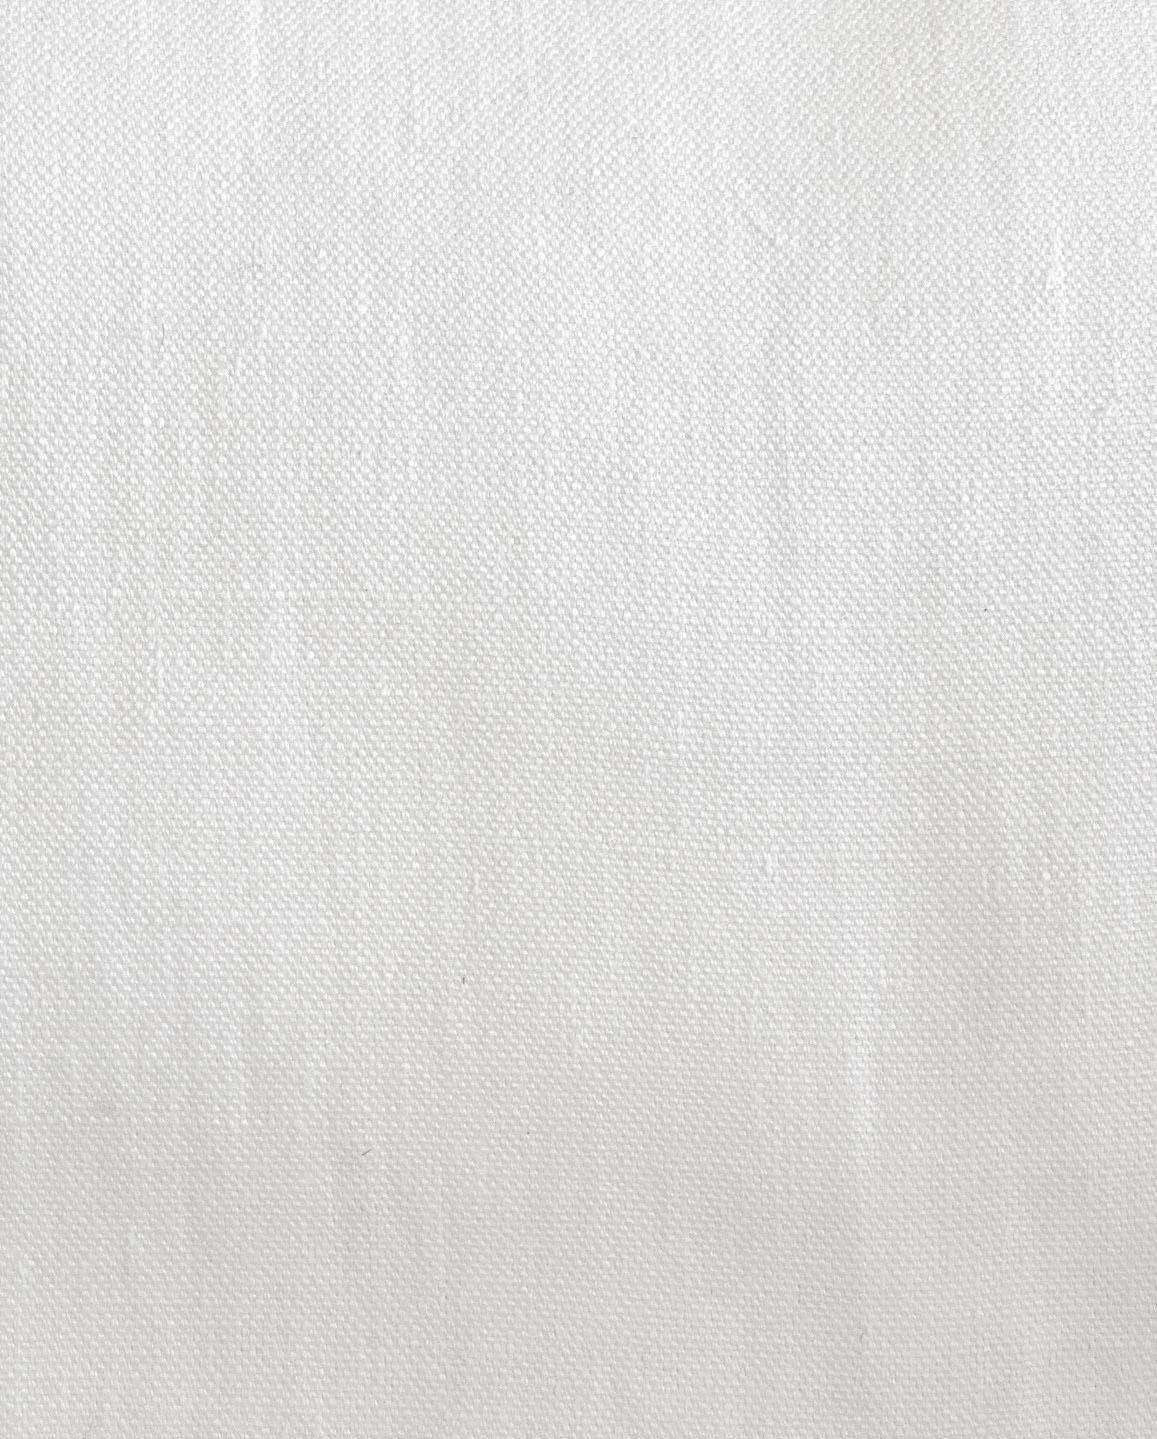 No.15 Irish Linen in White